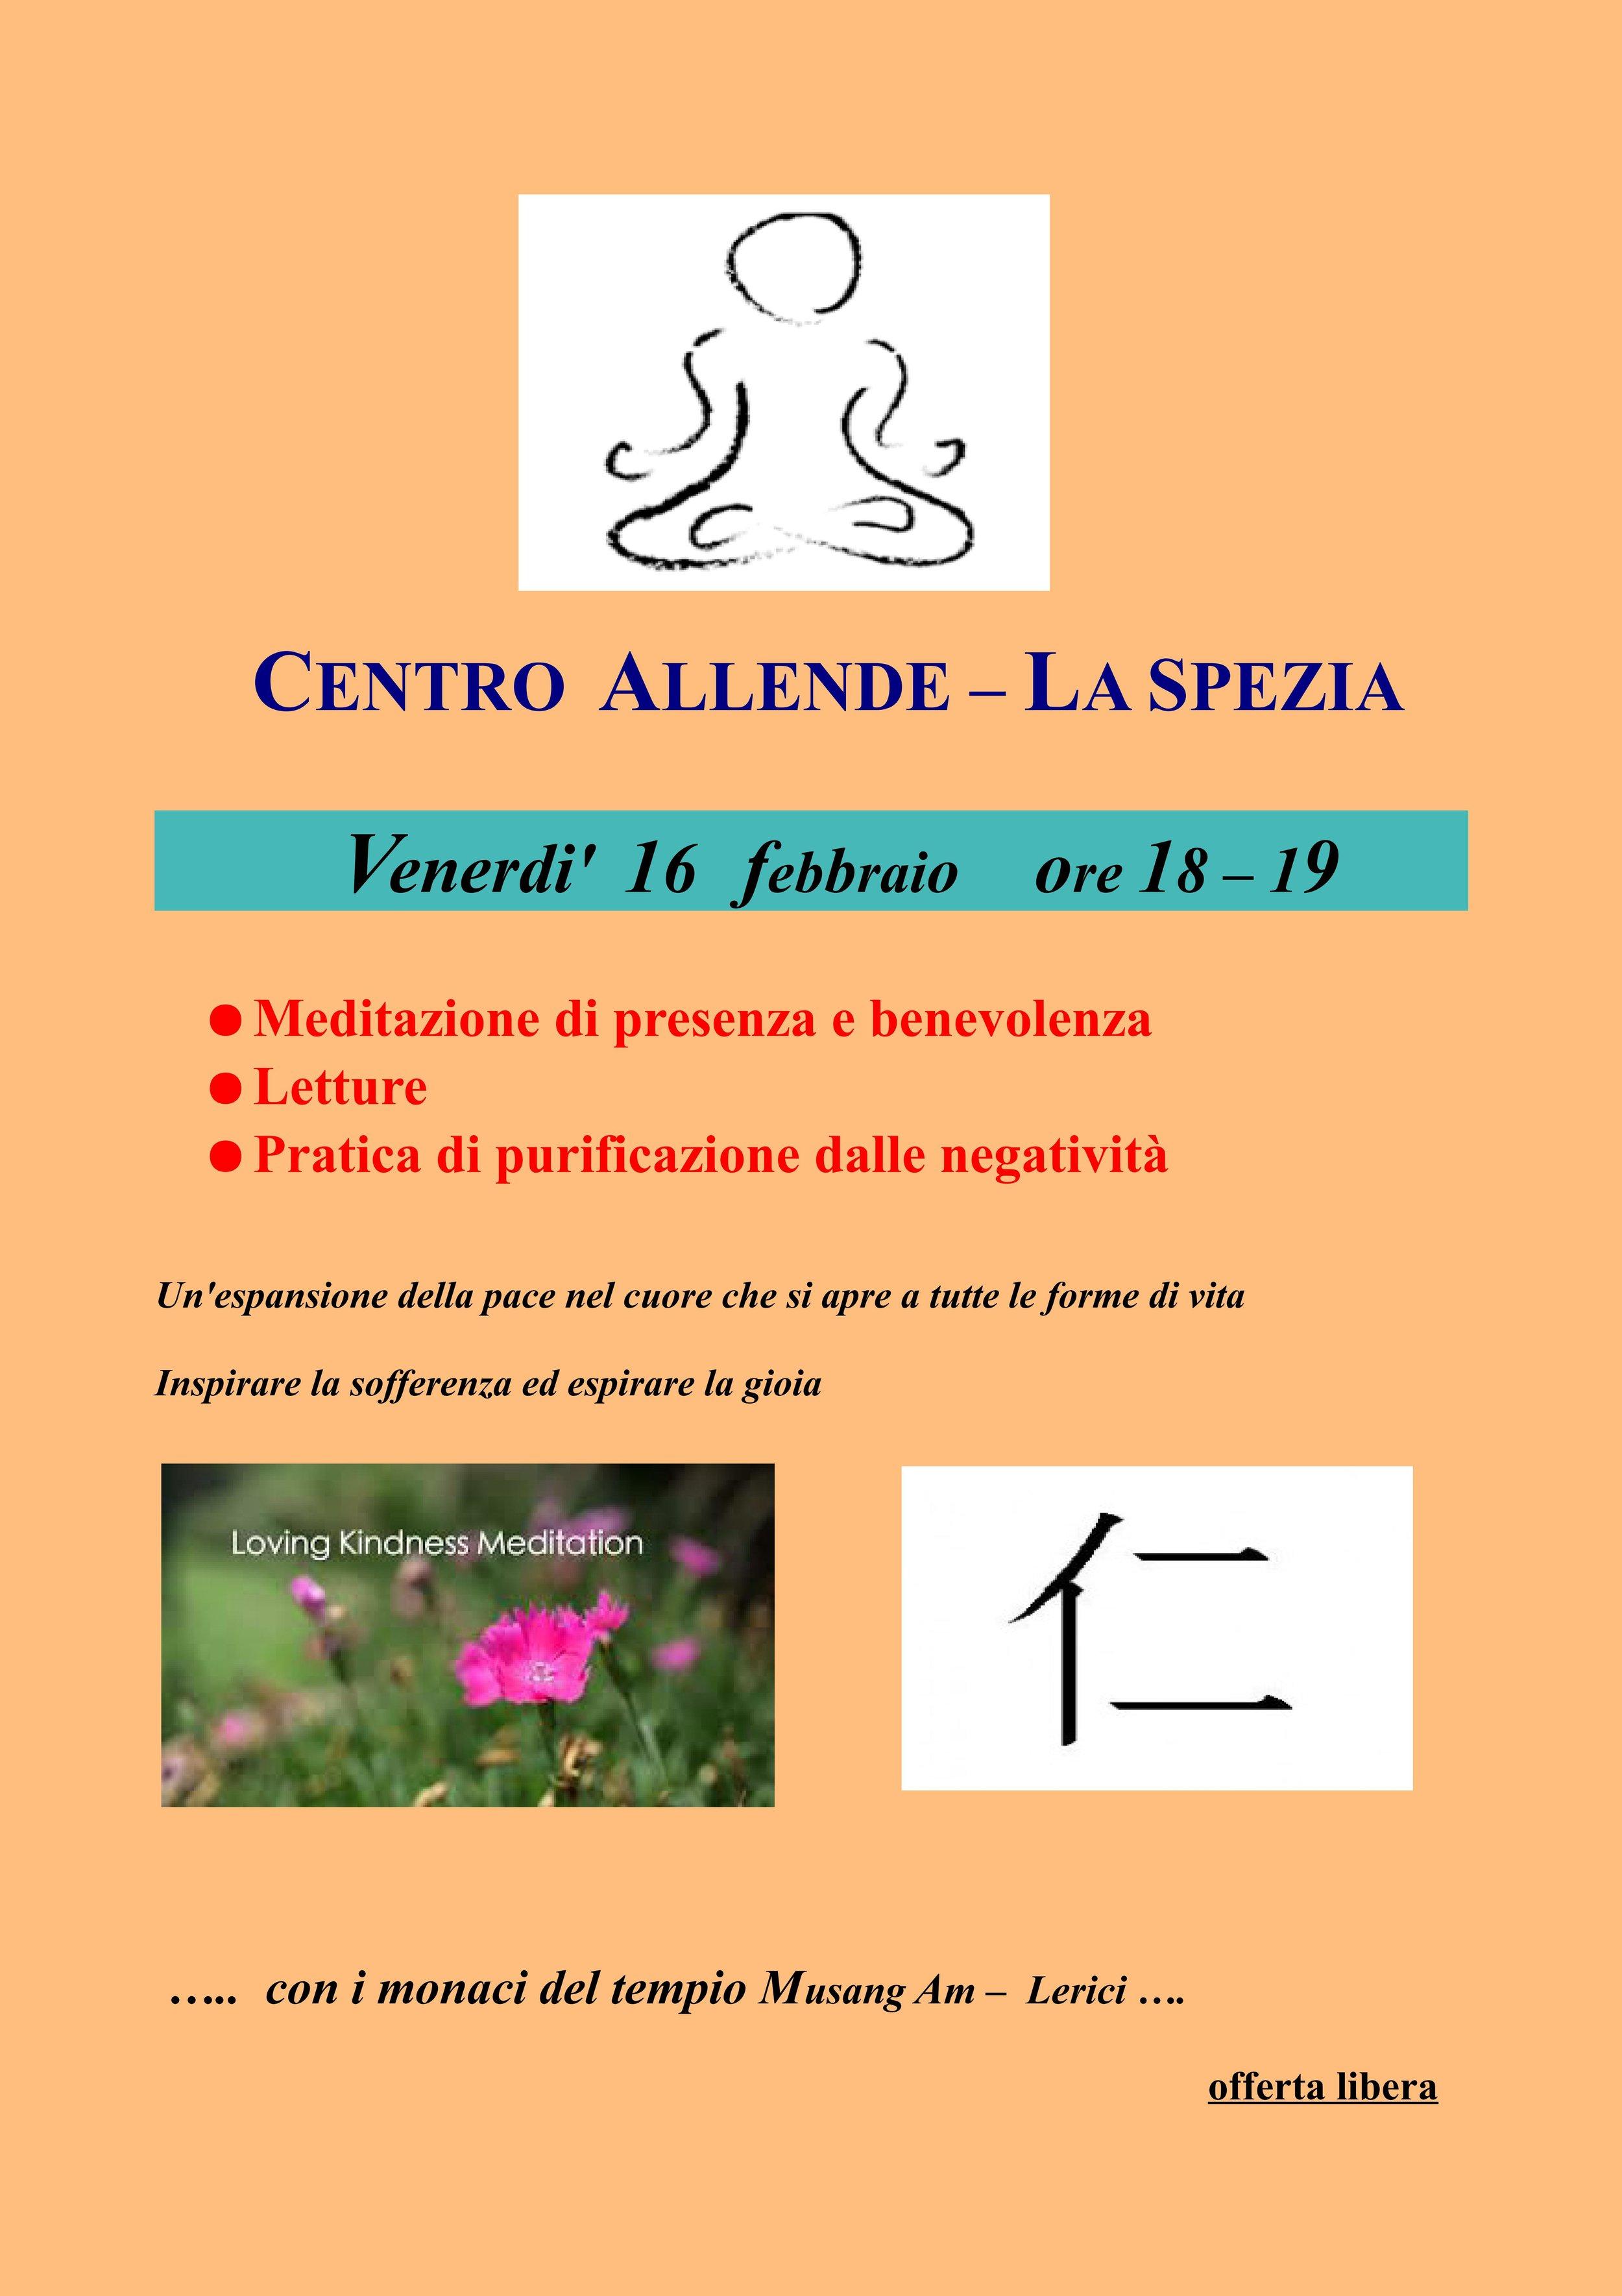 1.volantino 16-2-18 allende metta meditation_01.jpg